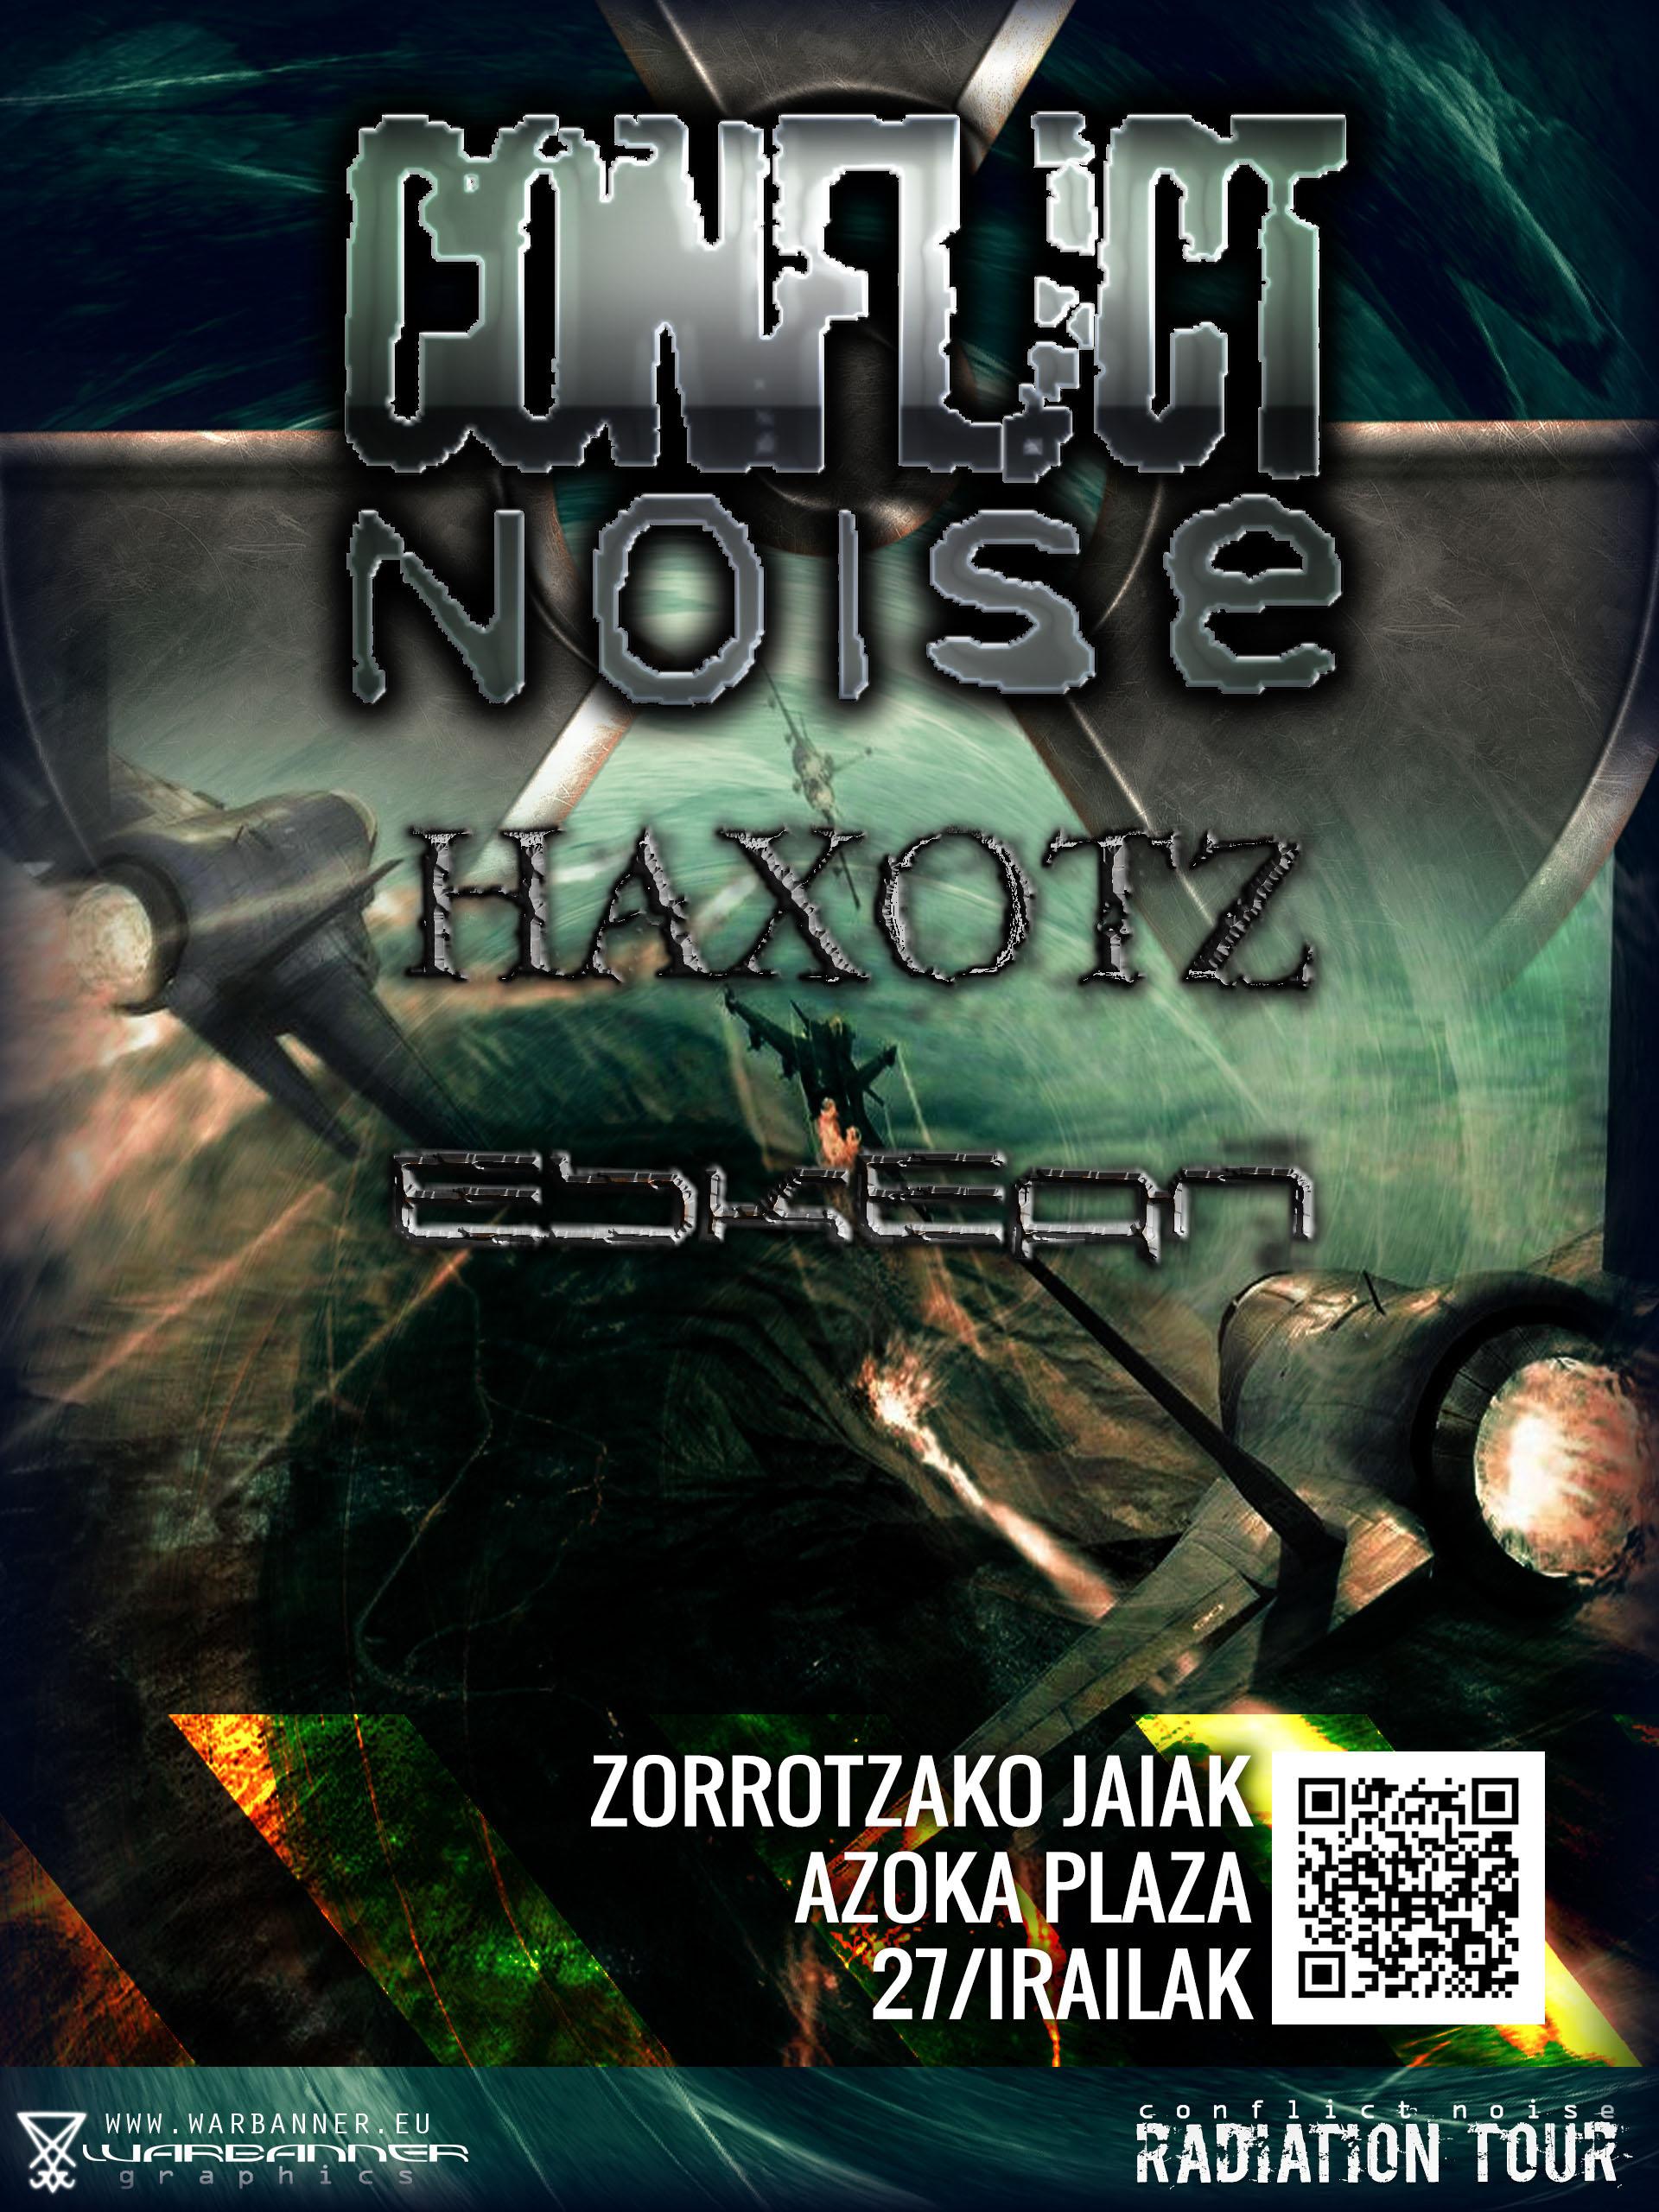 event-cn-03